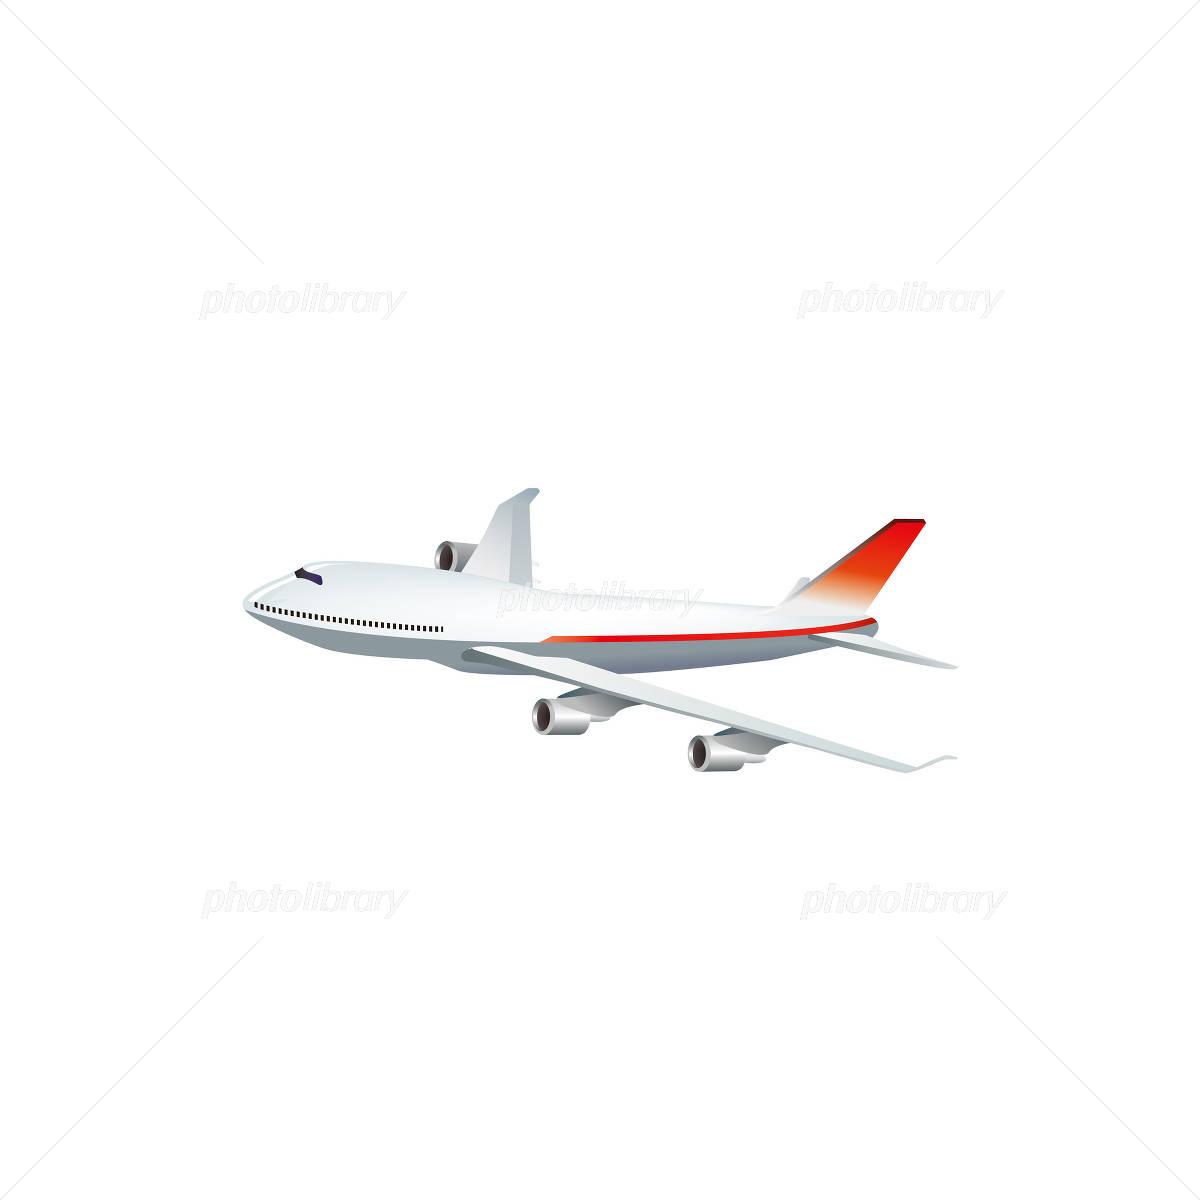 航空機のイラスト イラスト素材 1225697 フォトライブラリー